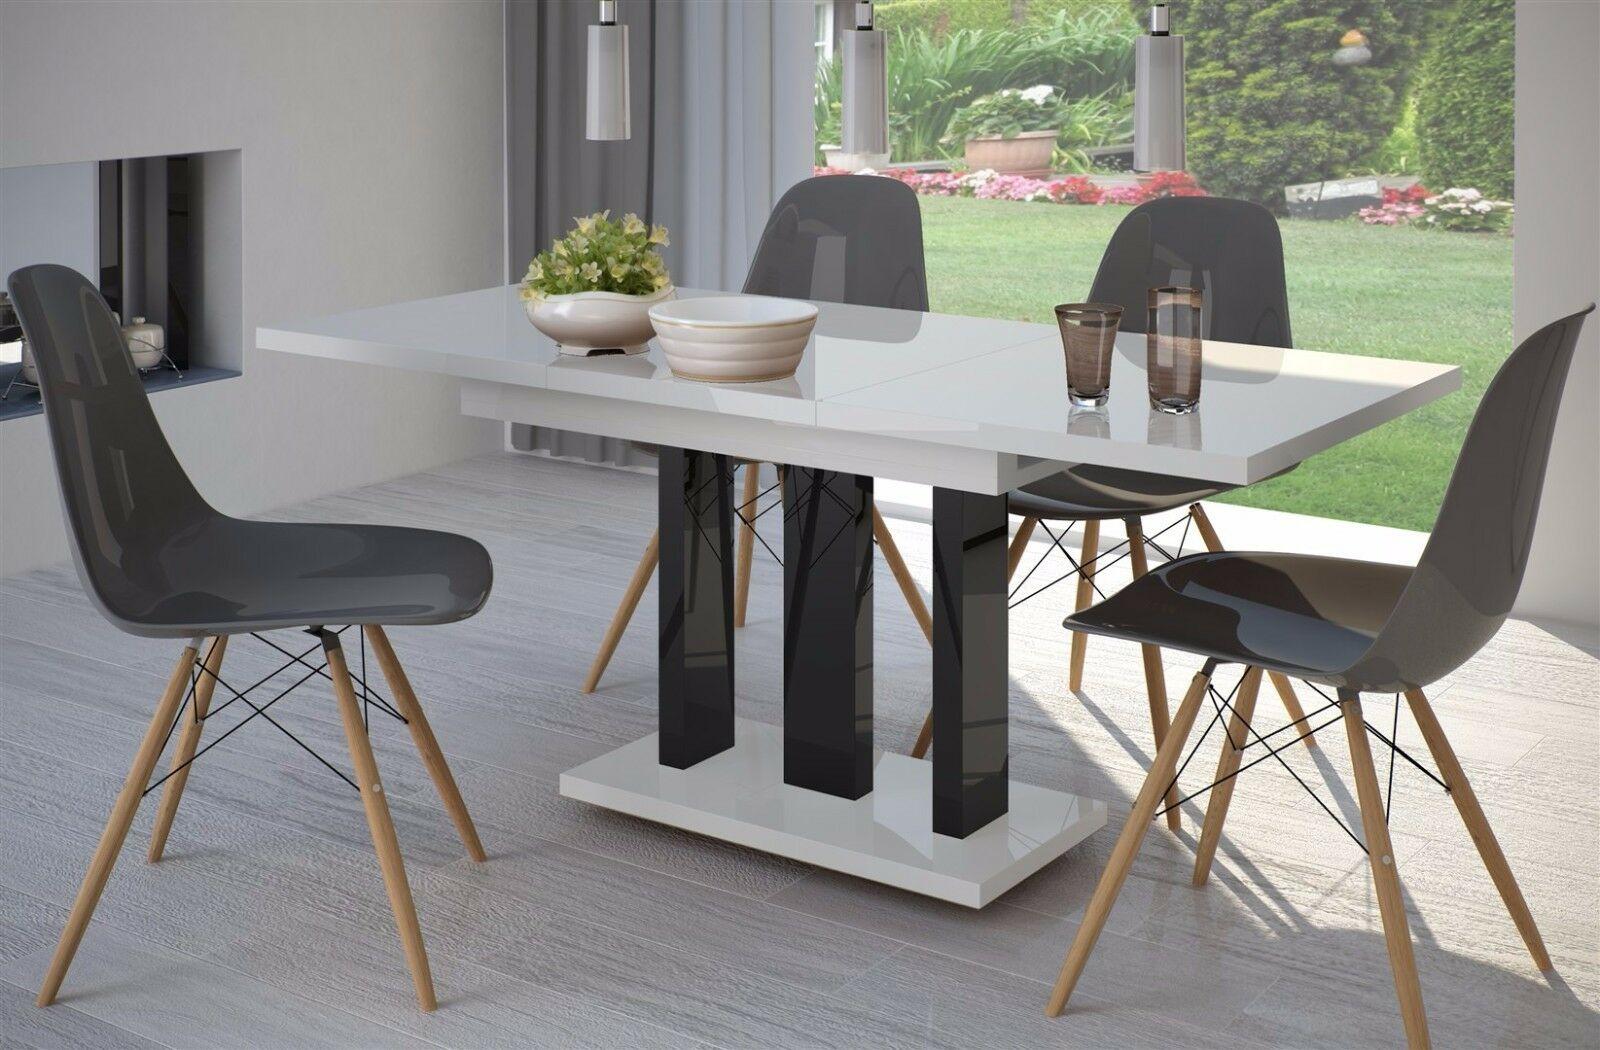 Fesselnd Säulentisch Hochglanz Schwarz Weiß 110cm Edler Esstisch Ausziehbar Design  Modern